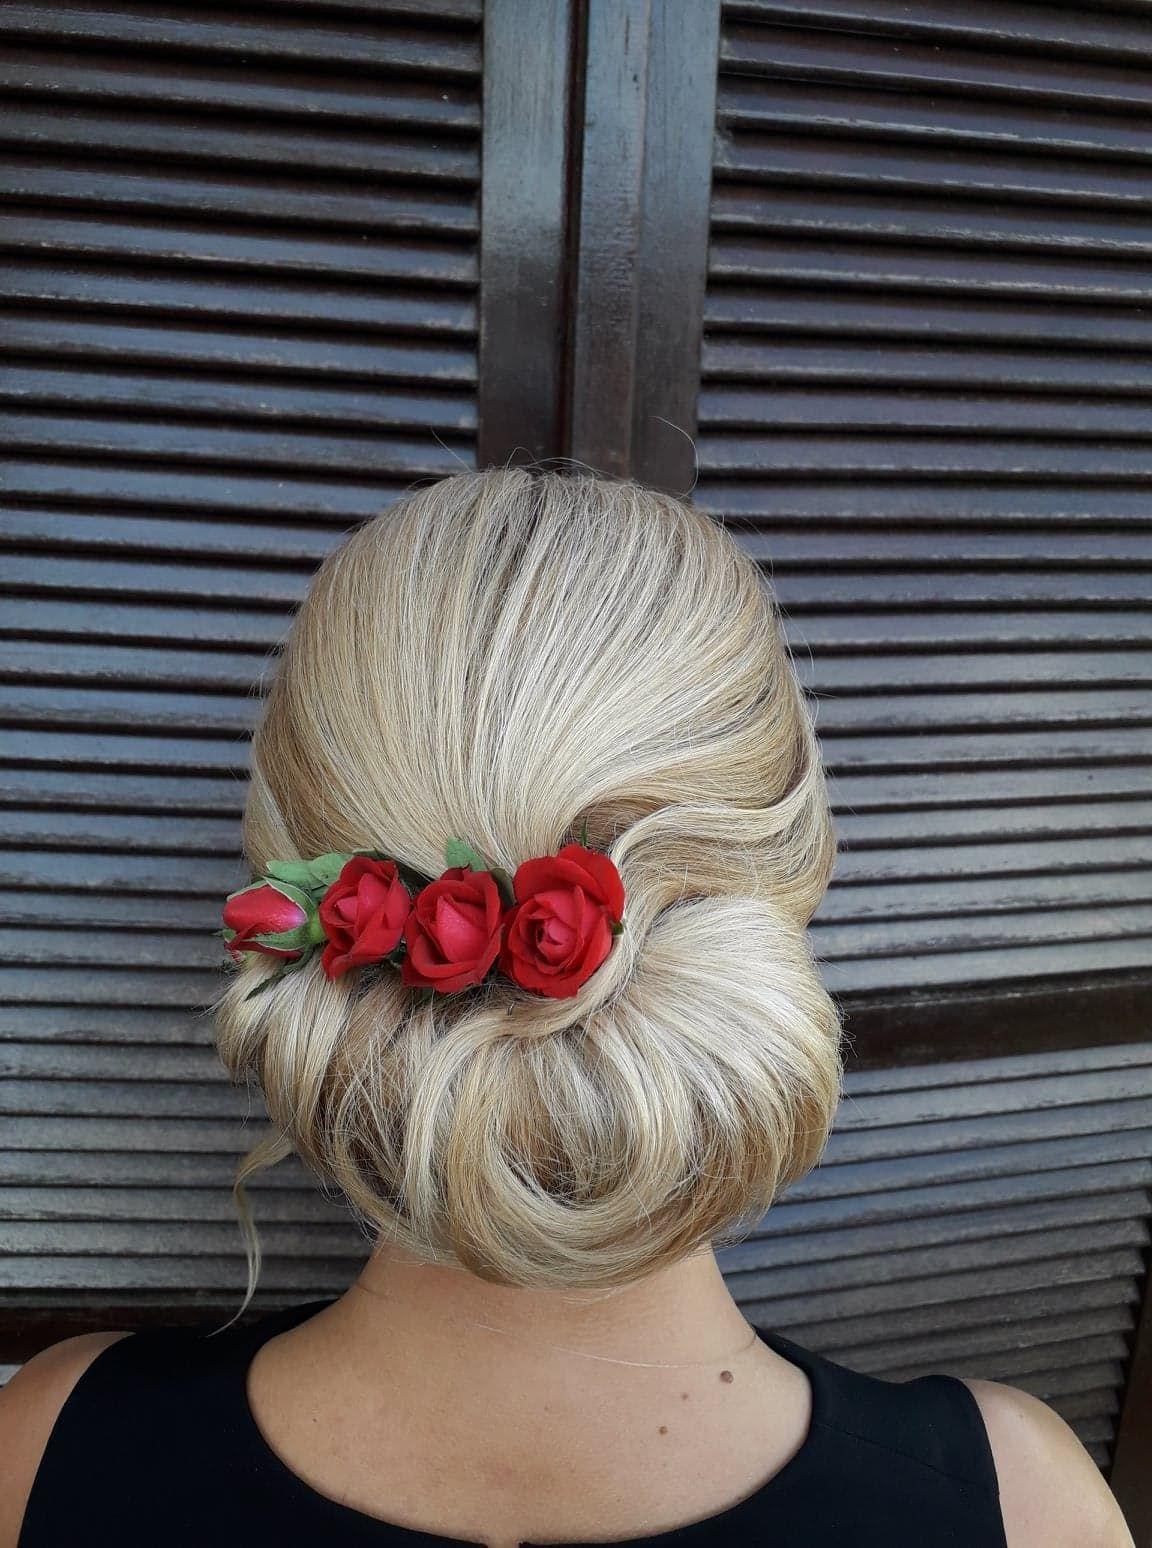 Chignon Tendance Chignon De Mariee Roses Blonde Realisation Par Sandrine C Coiffeuse A Domicile Viadom Blonde Chi Chignon Tendance Chignon Mariee Coiffure